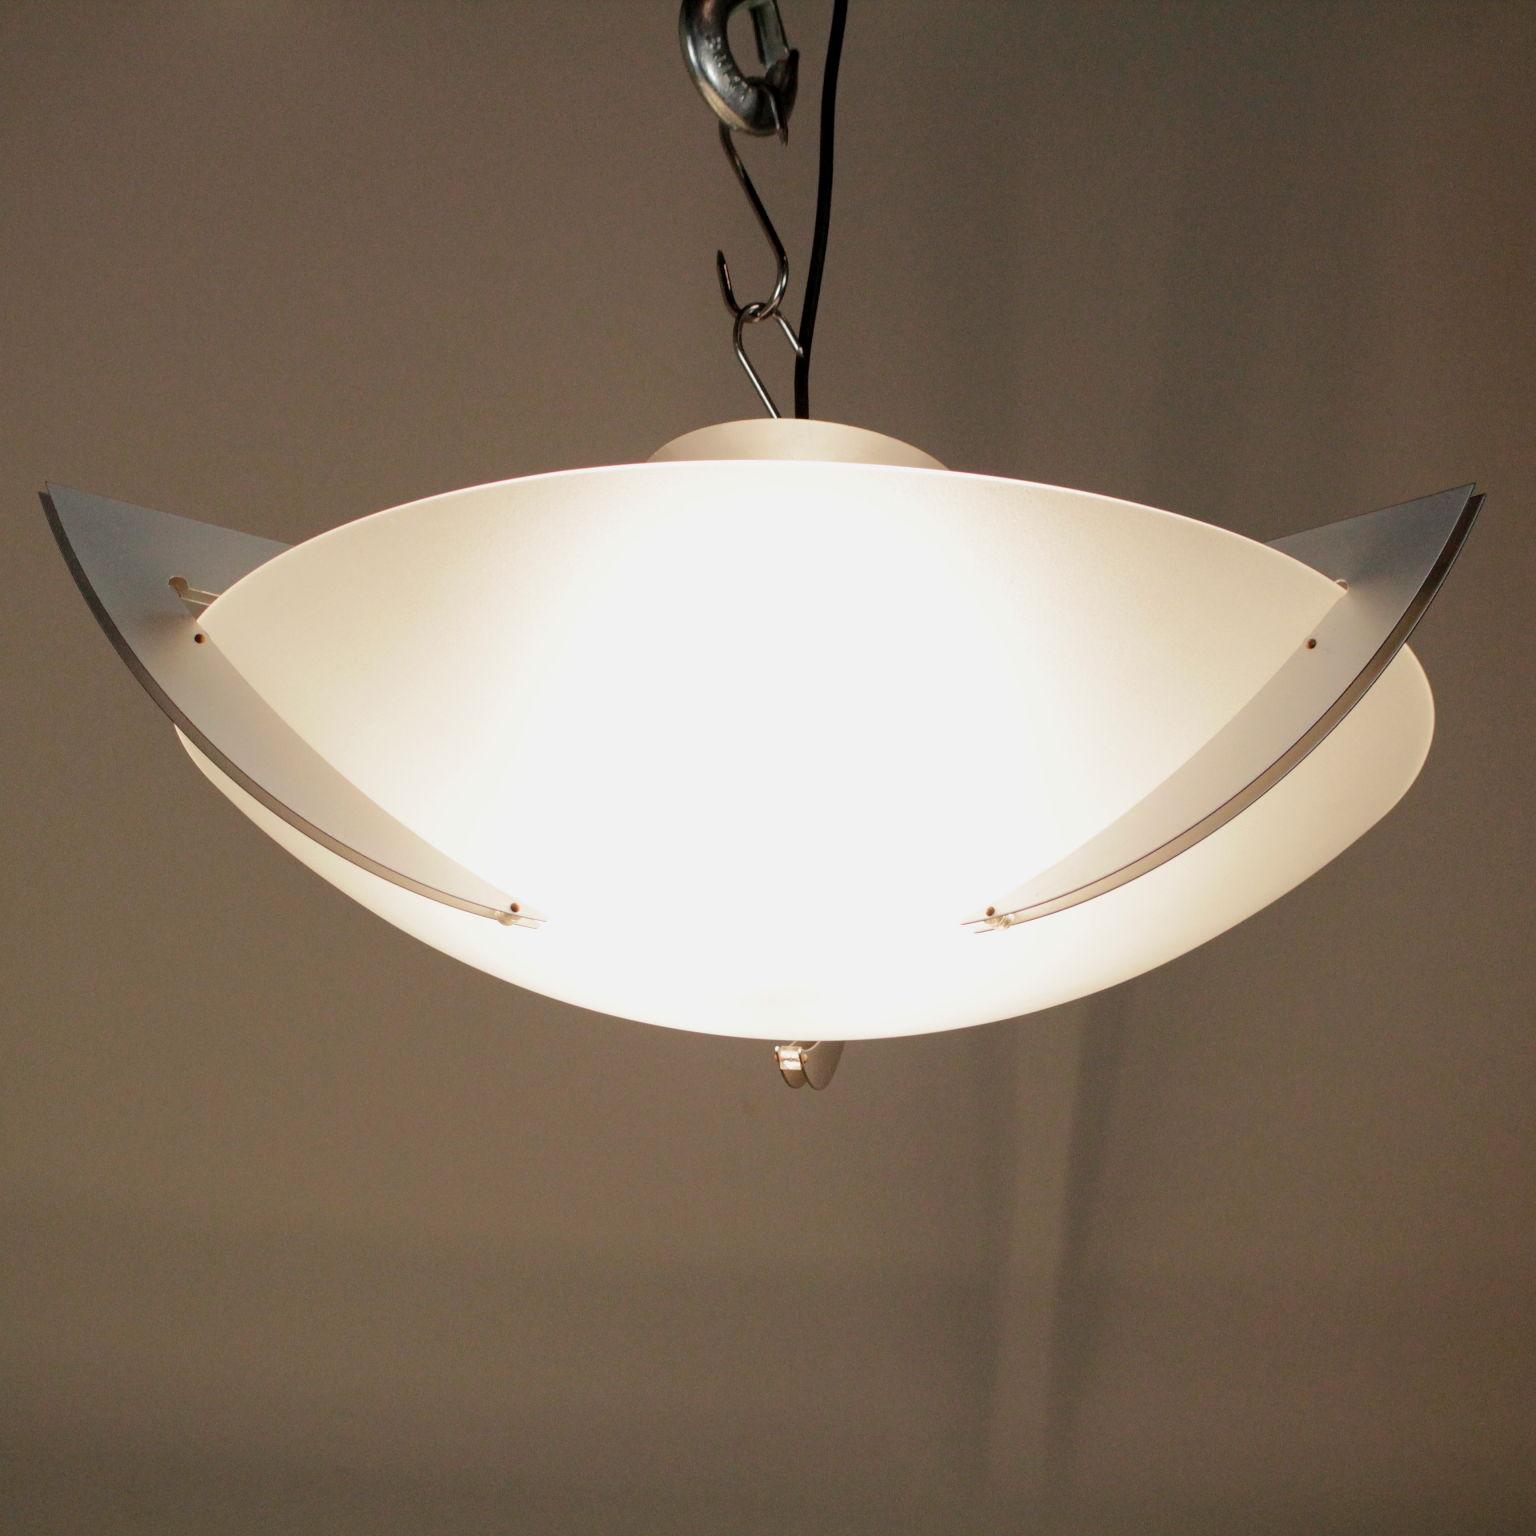 Illuminazione Nide Prezzo : Lampada artemide illuminazione modernariato